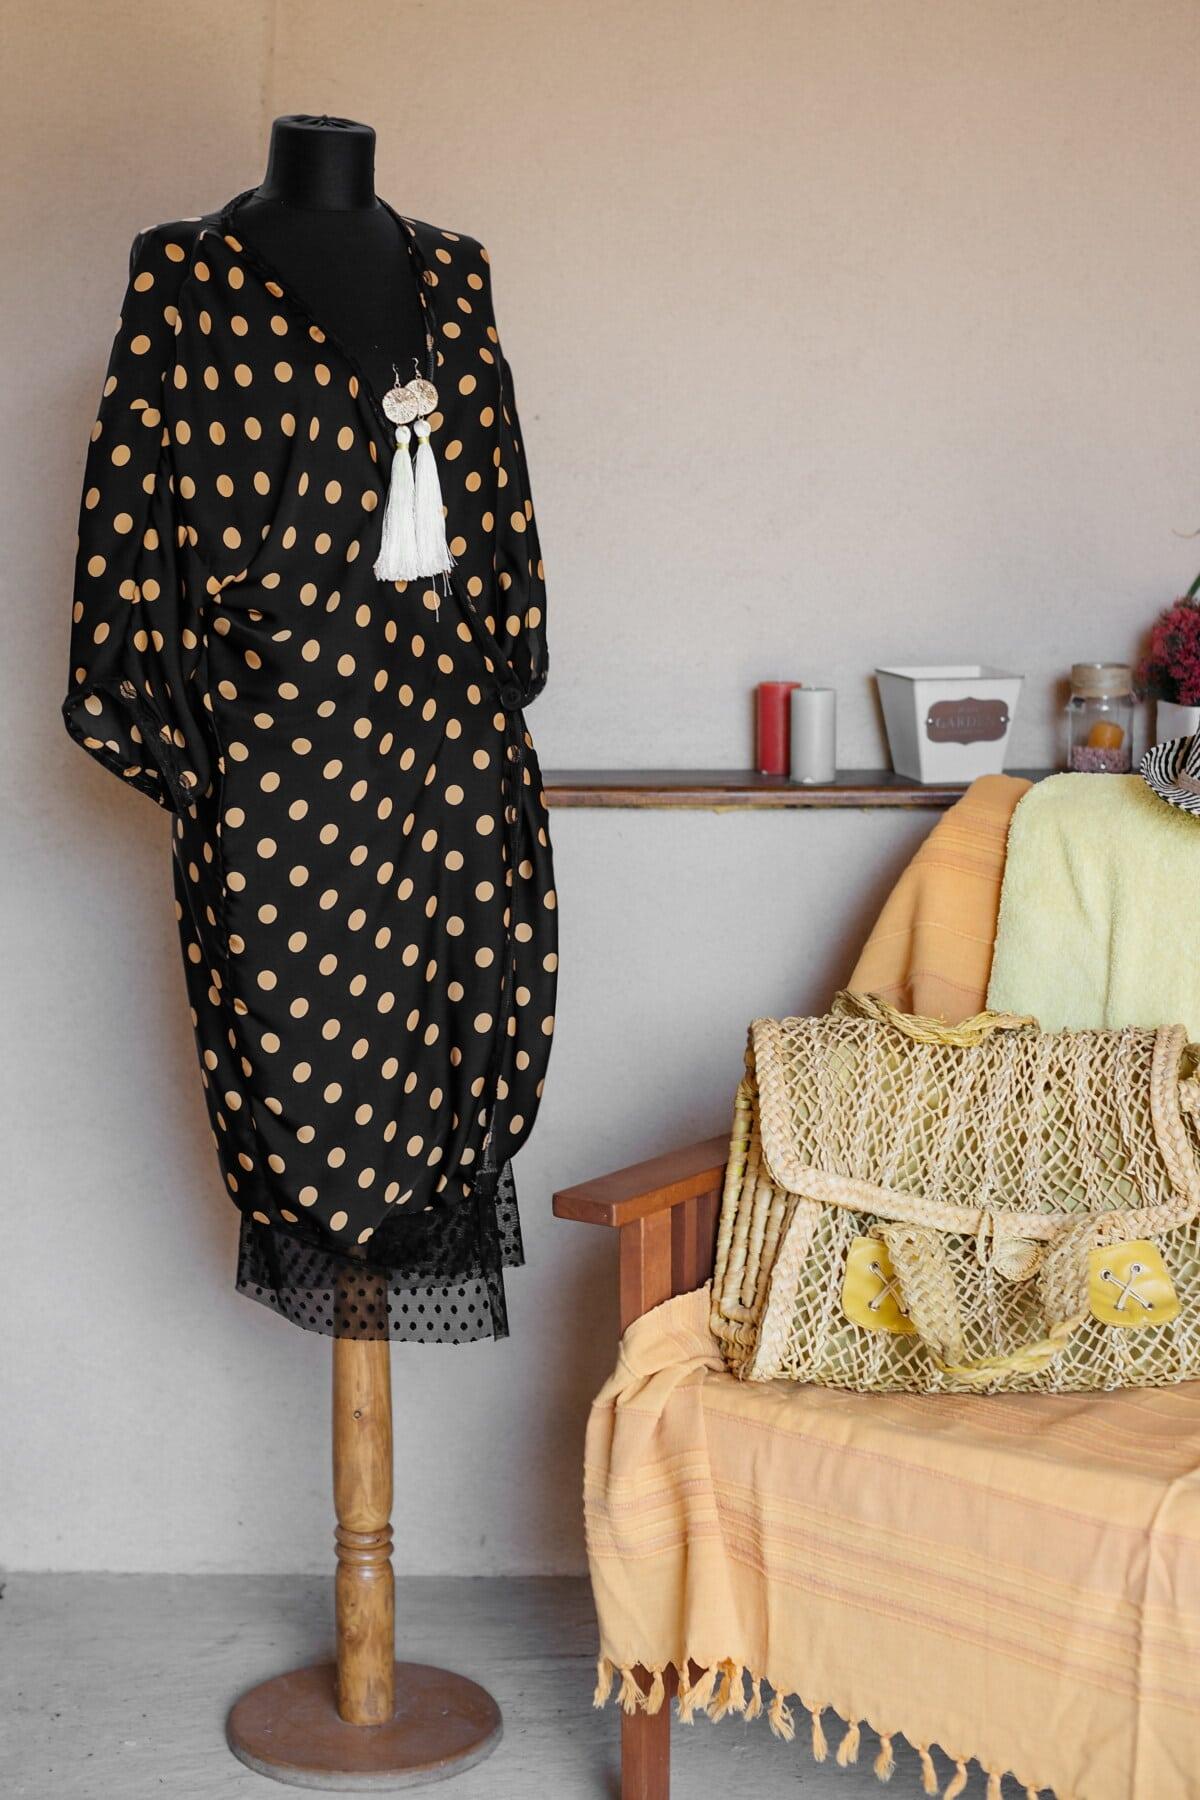 Kleid, Mode, Modell, Schwarz, Handtasche, handgefertigte, Regal, Zimmer, Sessel, Kleidung